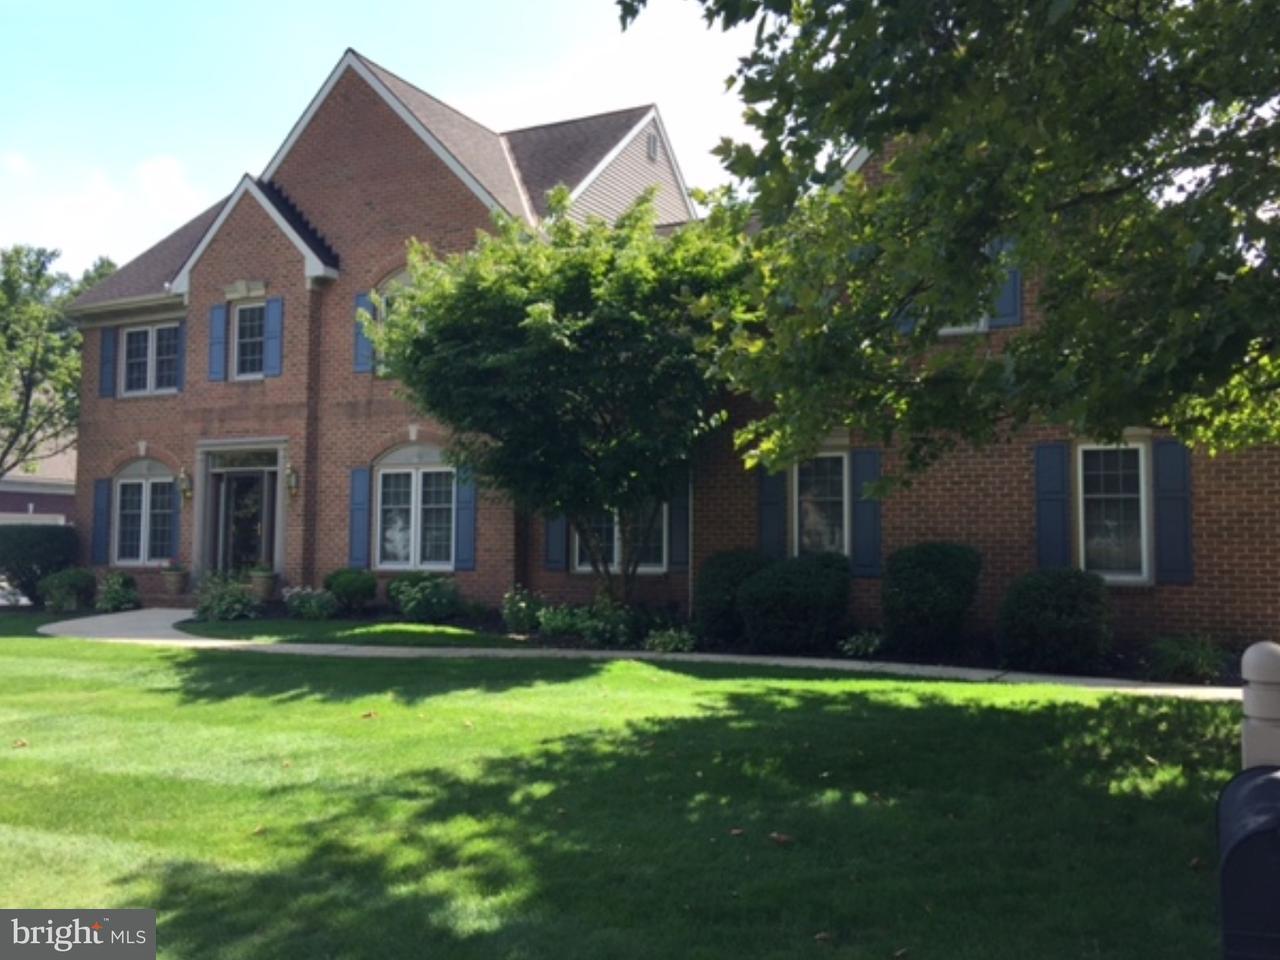 Maison unifamiliale pour l Vente à 1250 BELLE MEADE Drive Lancaster, Pennsylvanie 17601 États-Unis